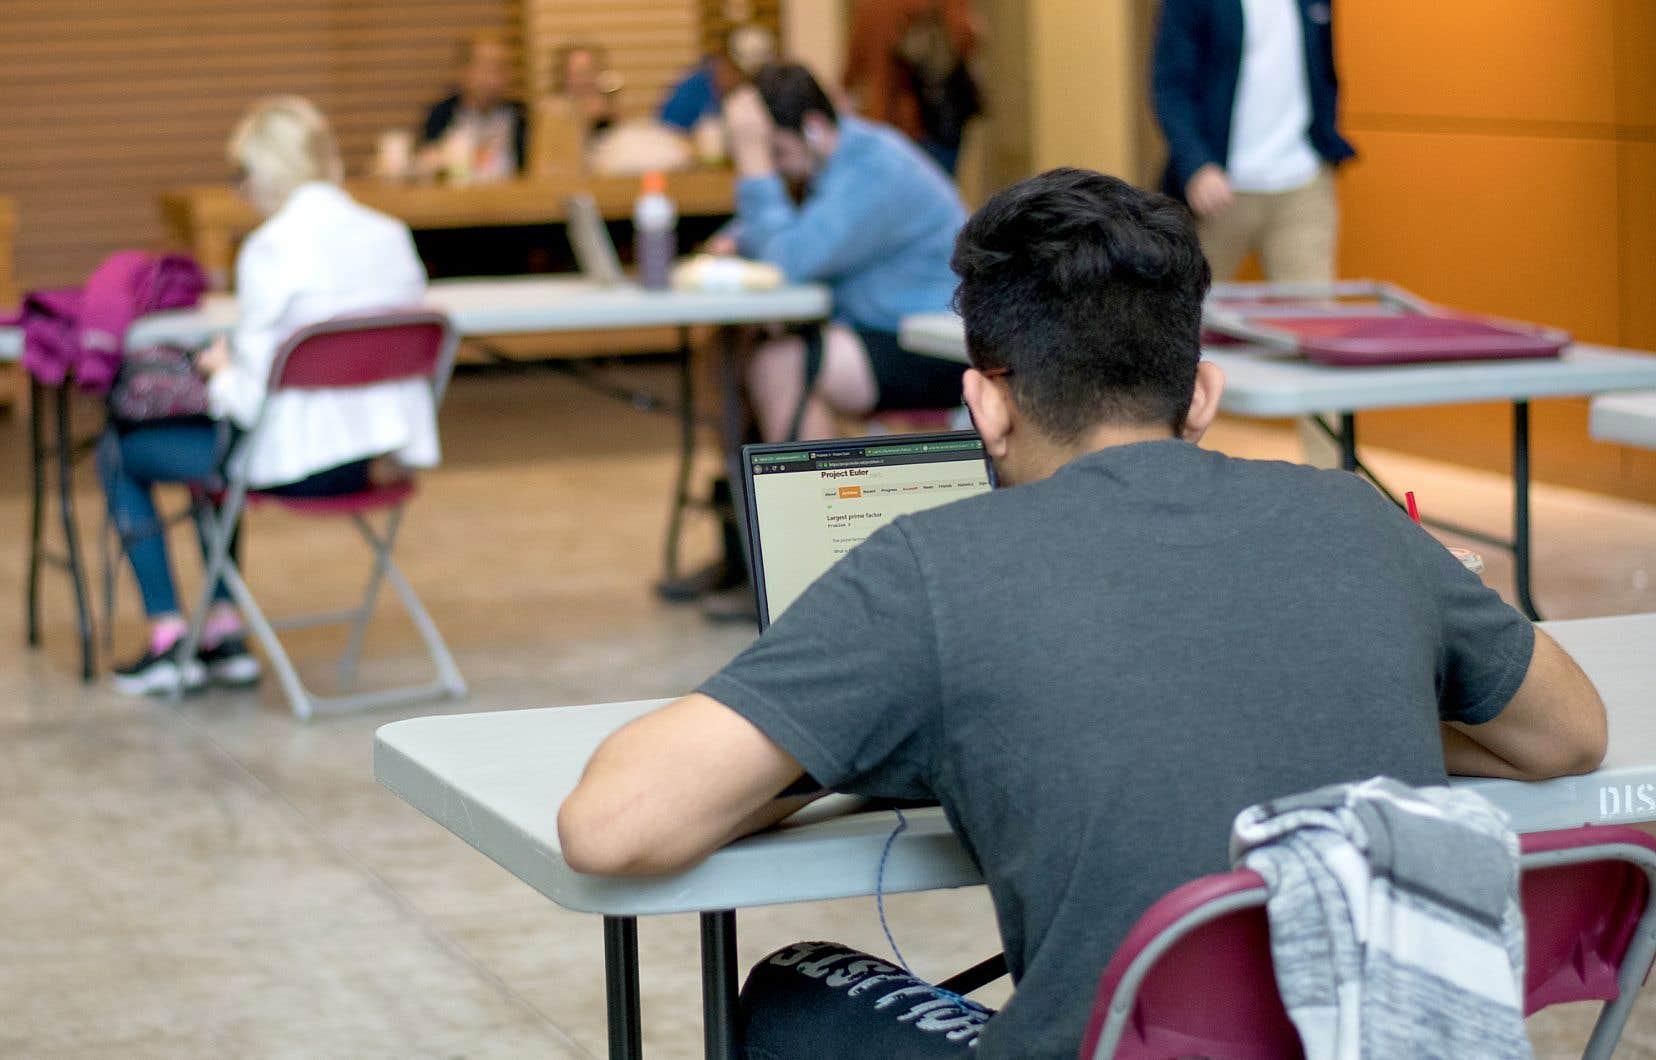 Le ministère fédéral de l'Immigration indique avoir délivré près de 100 000 permis d'études au cours des quatre premiers mois de 2021, contre environ 66 000 au cours de la même période de l'année précédente et environ 96 000 de janvier à avril 2019.